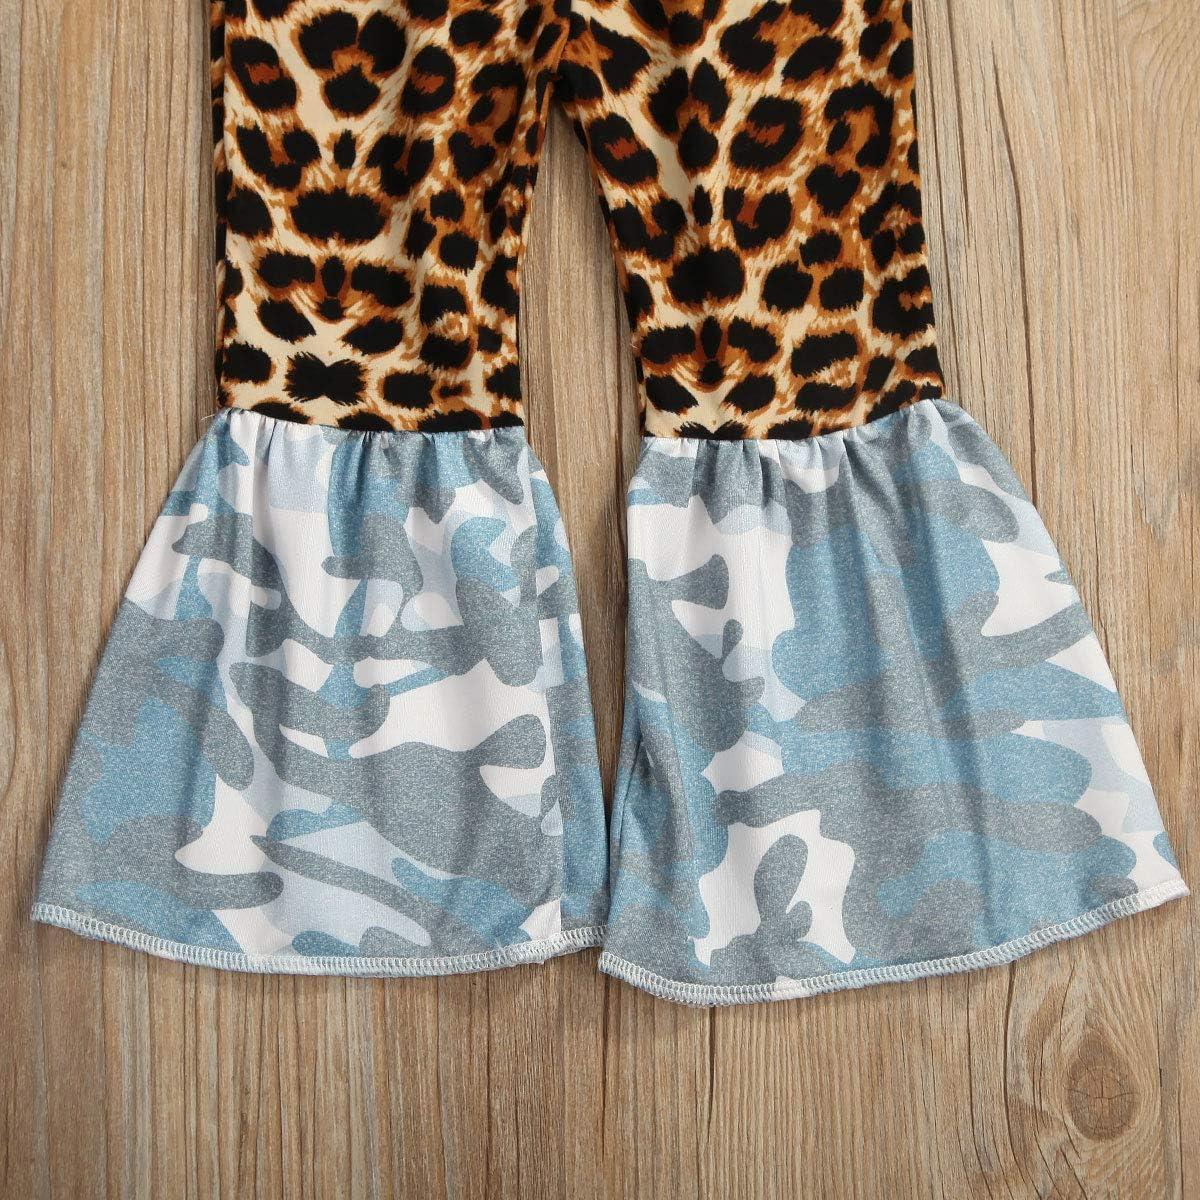 Toddler Kids Girls Bell Bottom Jeans Ruffle Flare Raw Hem Denim Pant Trousers High Waisted Wide Leg Pants Leggings